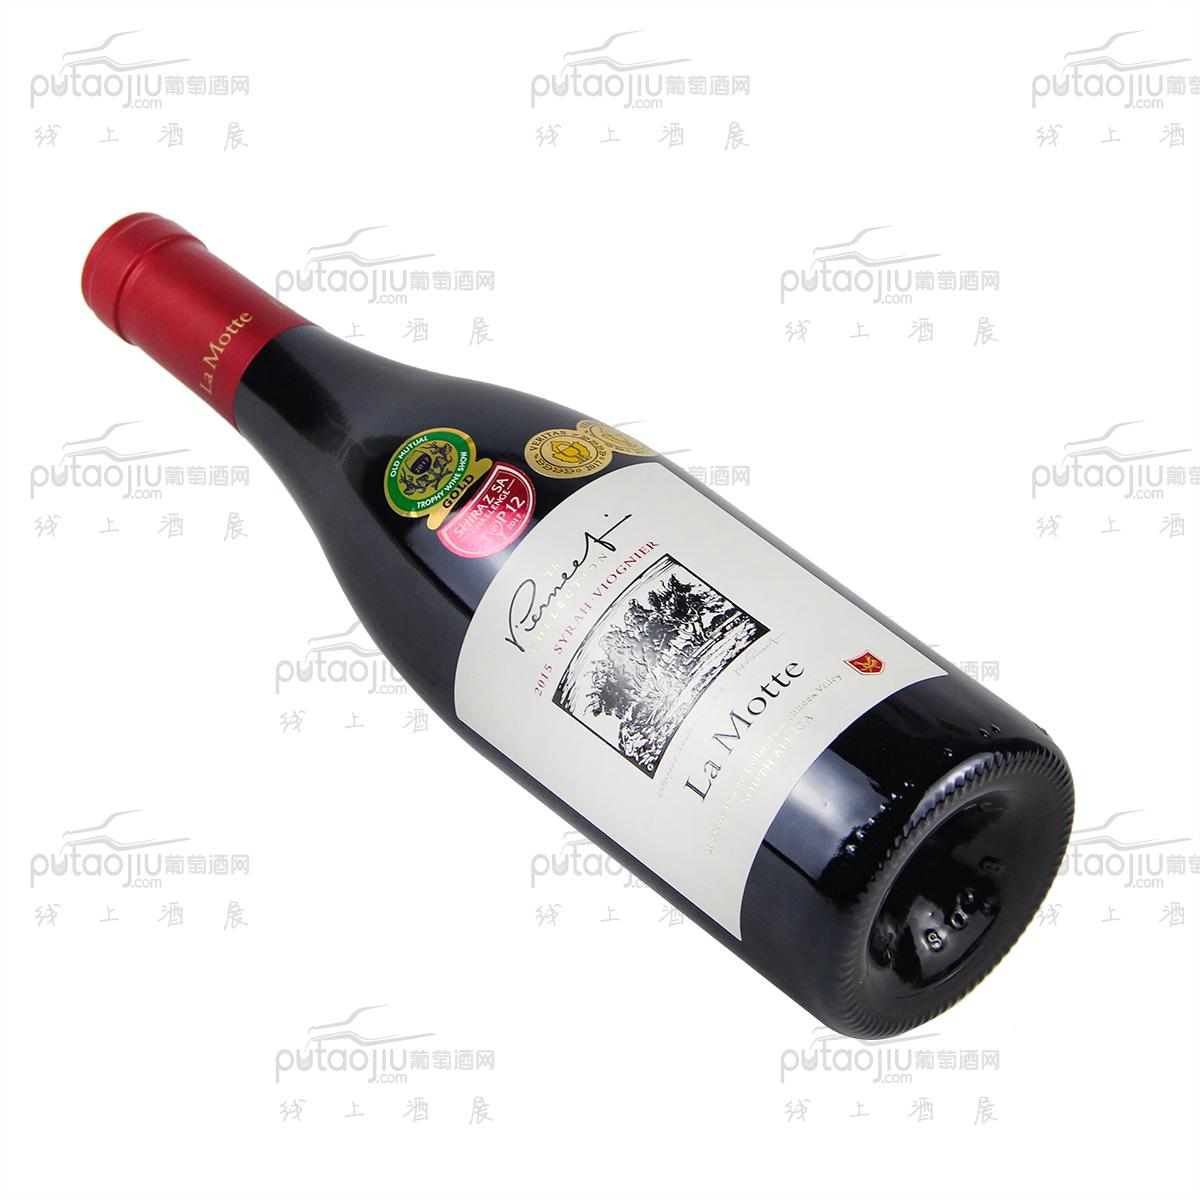 南非西开普省乐梦迪酒庄西拉维欧尼大师干红葡萄酒